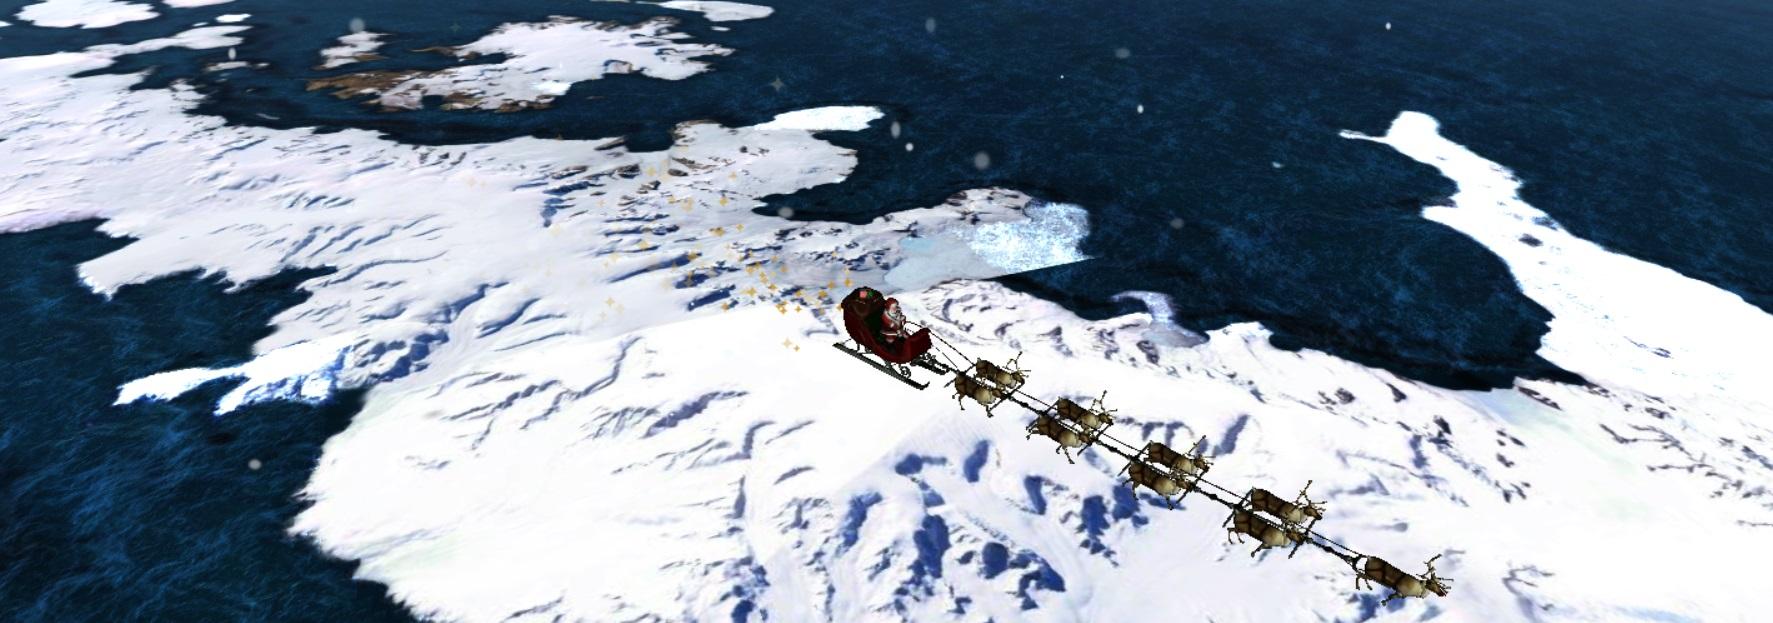 NORAD - Santa - Antartica.jpg